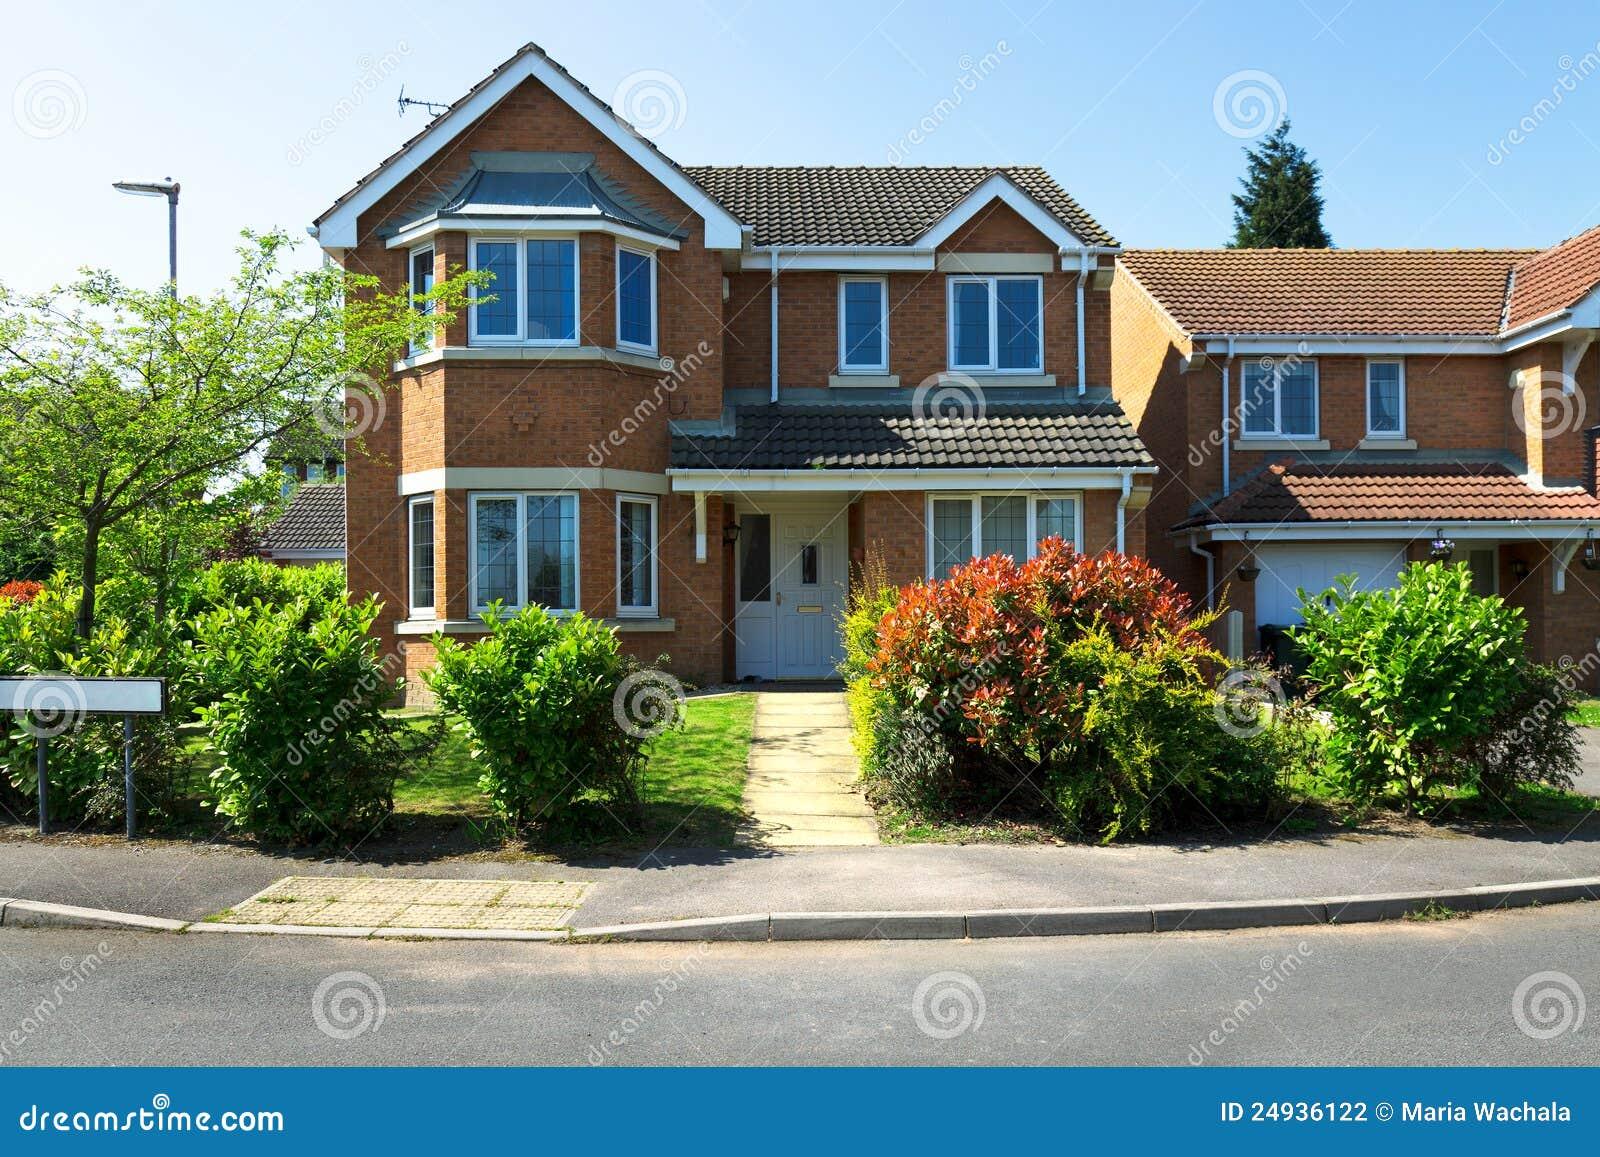 Casas inglesas foto de archivo imagen de districto fachada 24936122 - Imagenes de casas inglesas ...